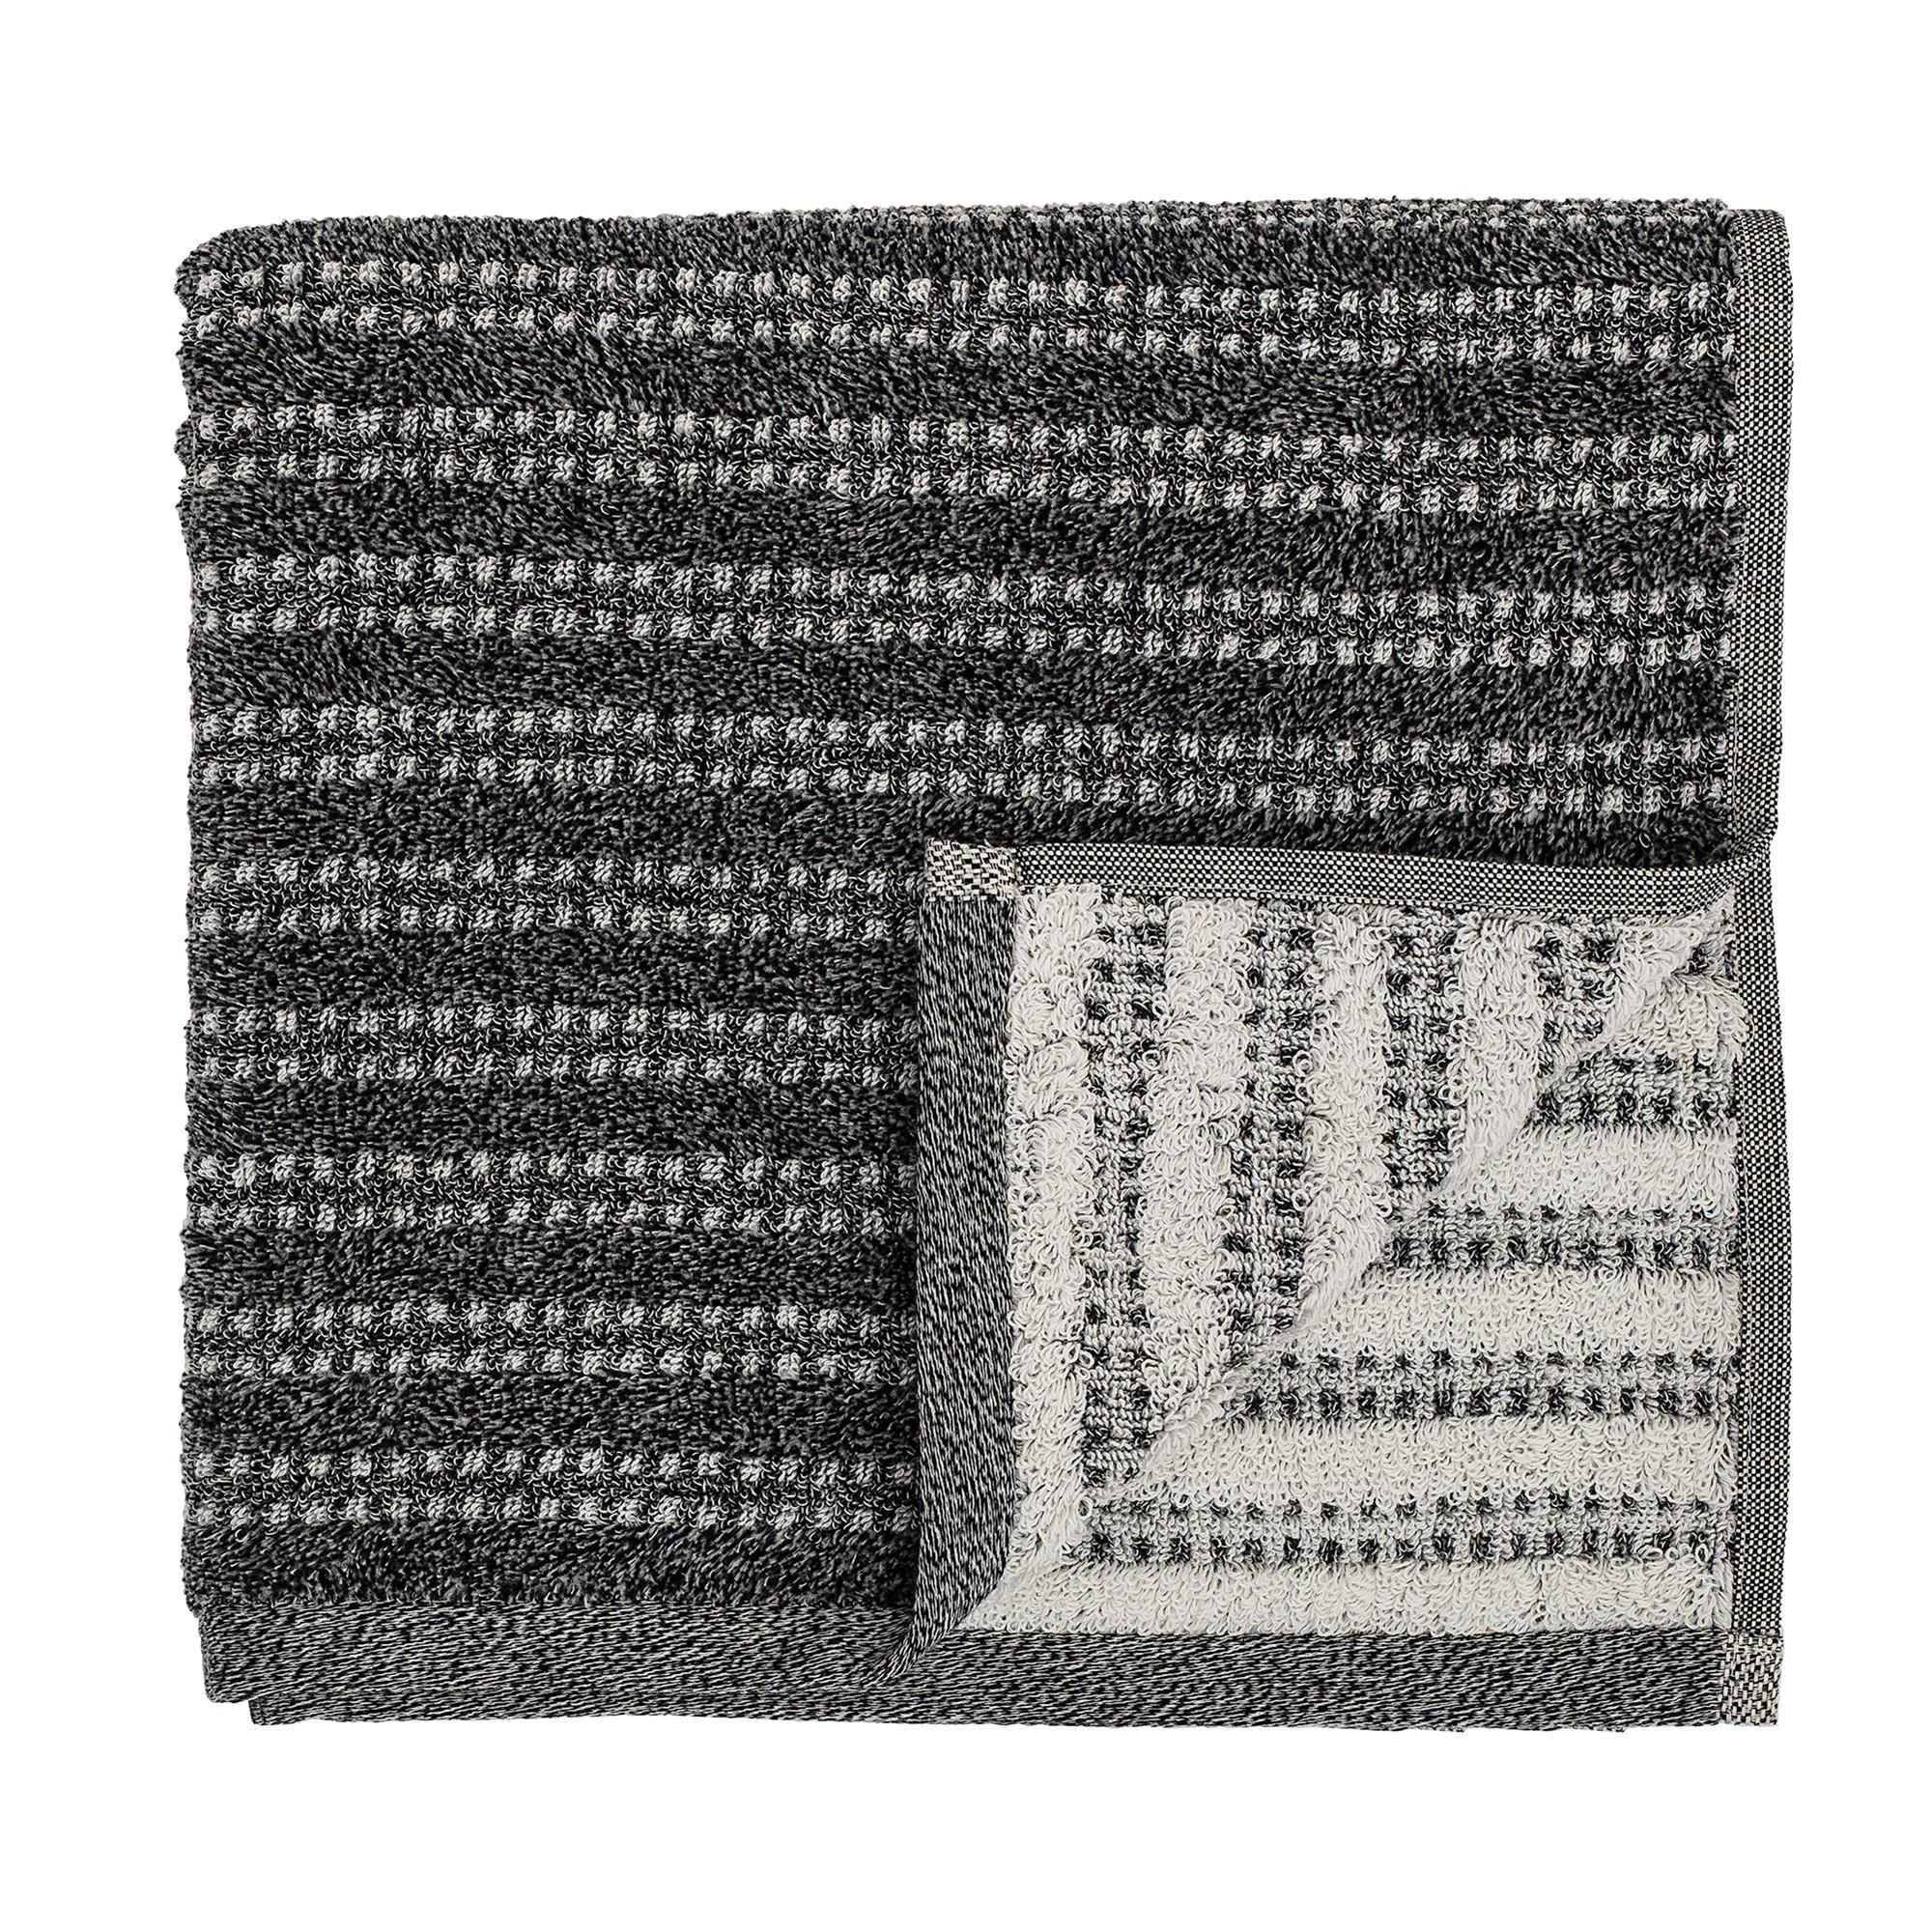 Billede af Tacca håndklæde, Sort